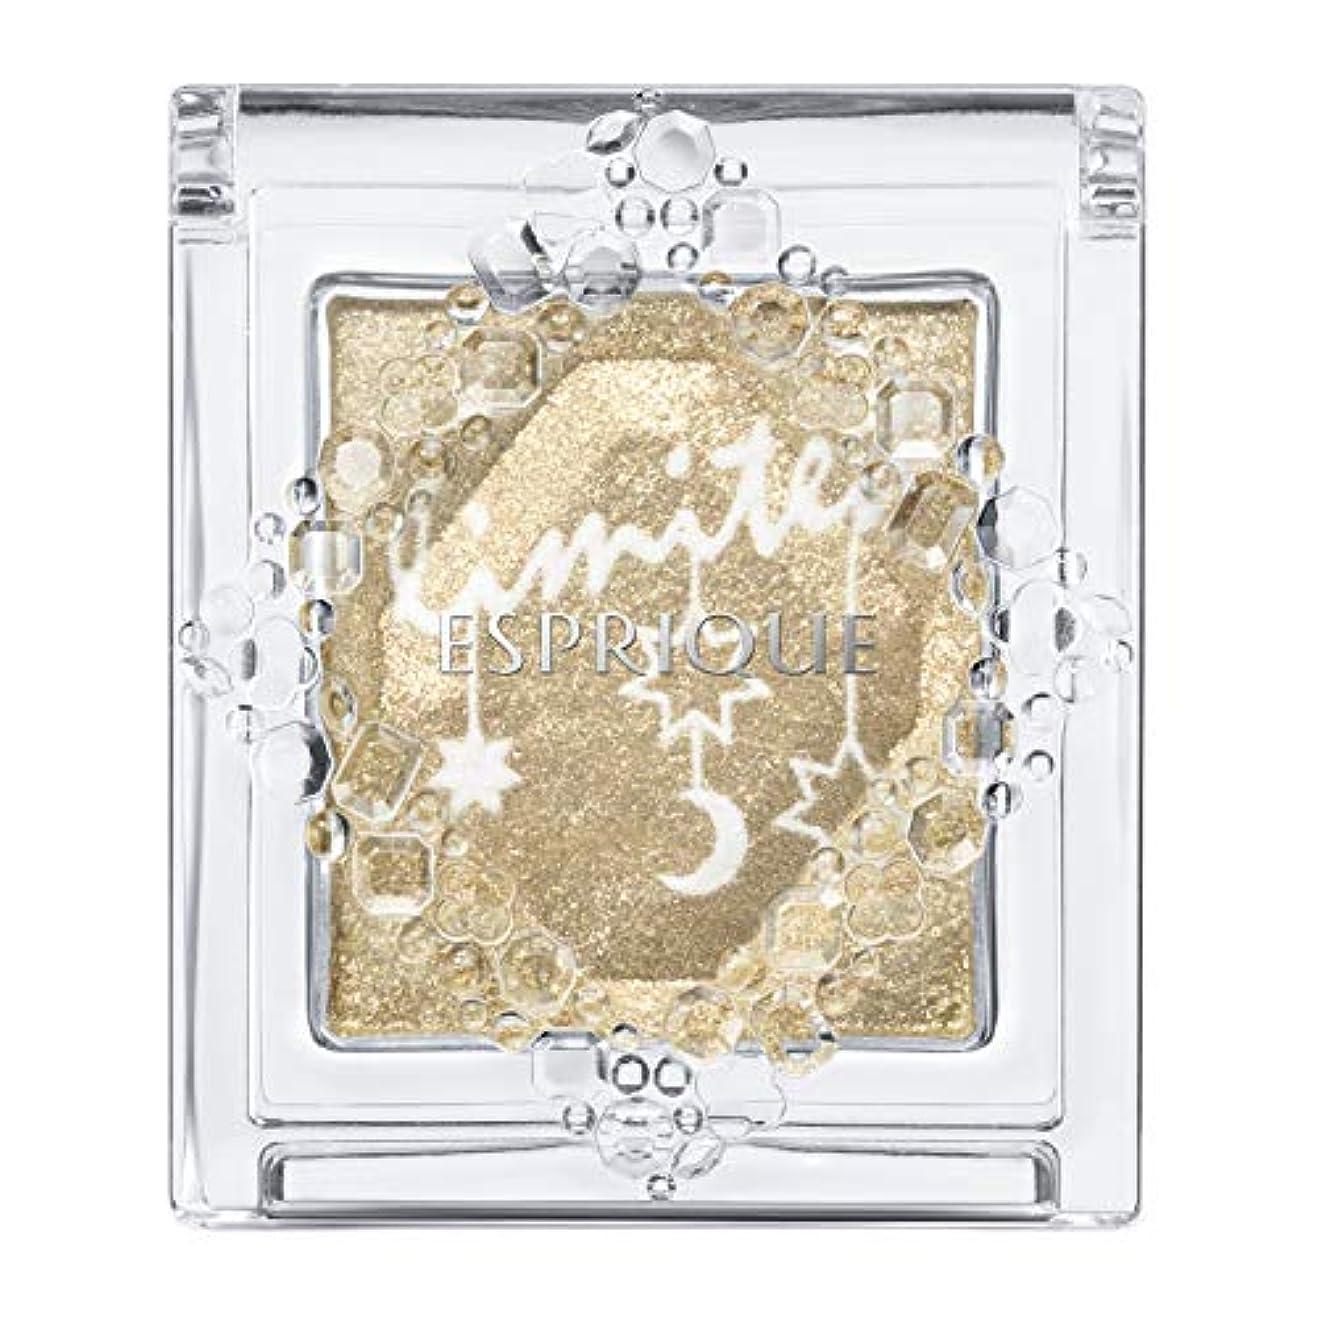 かび臭い記録エスプリーク セレクト アイカラー GD004 ゴールド系 1.5g